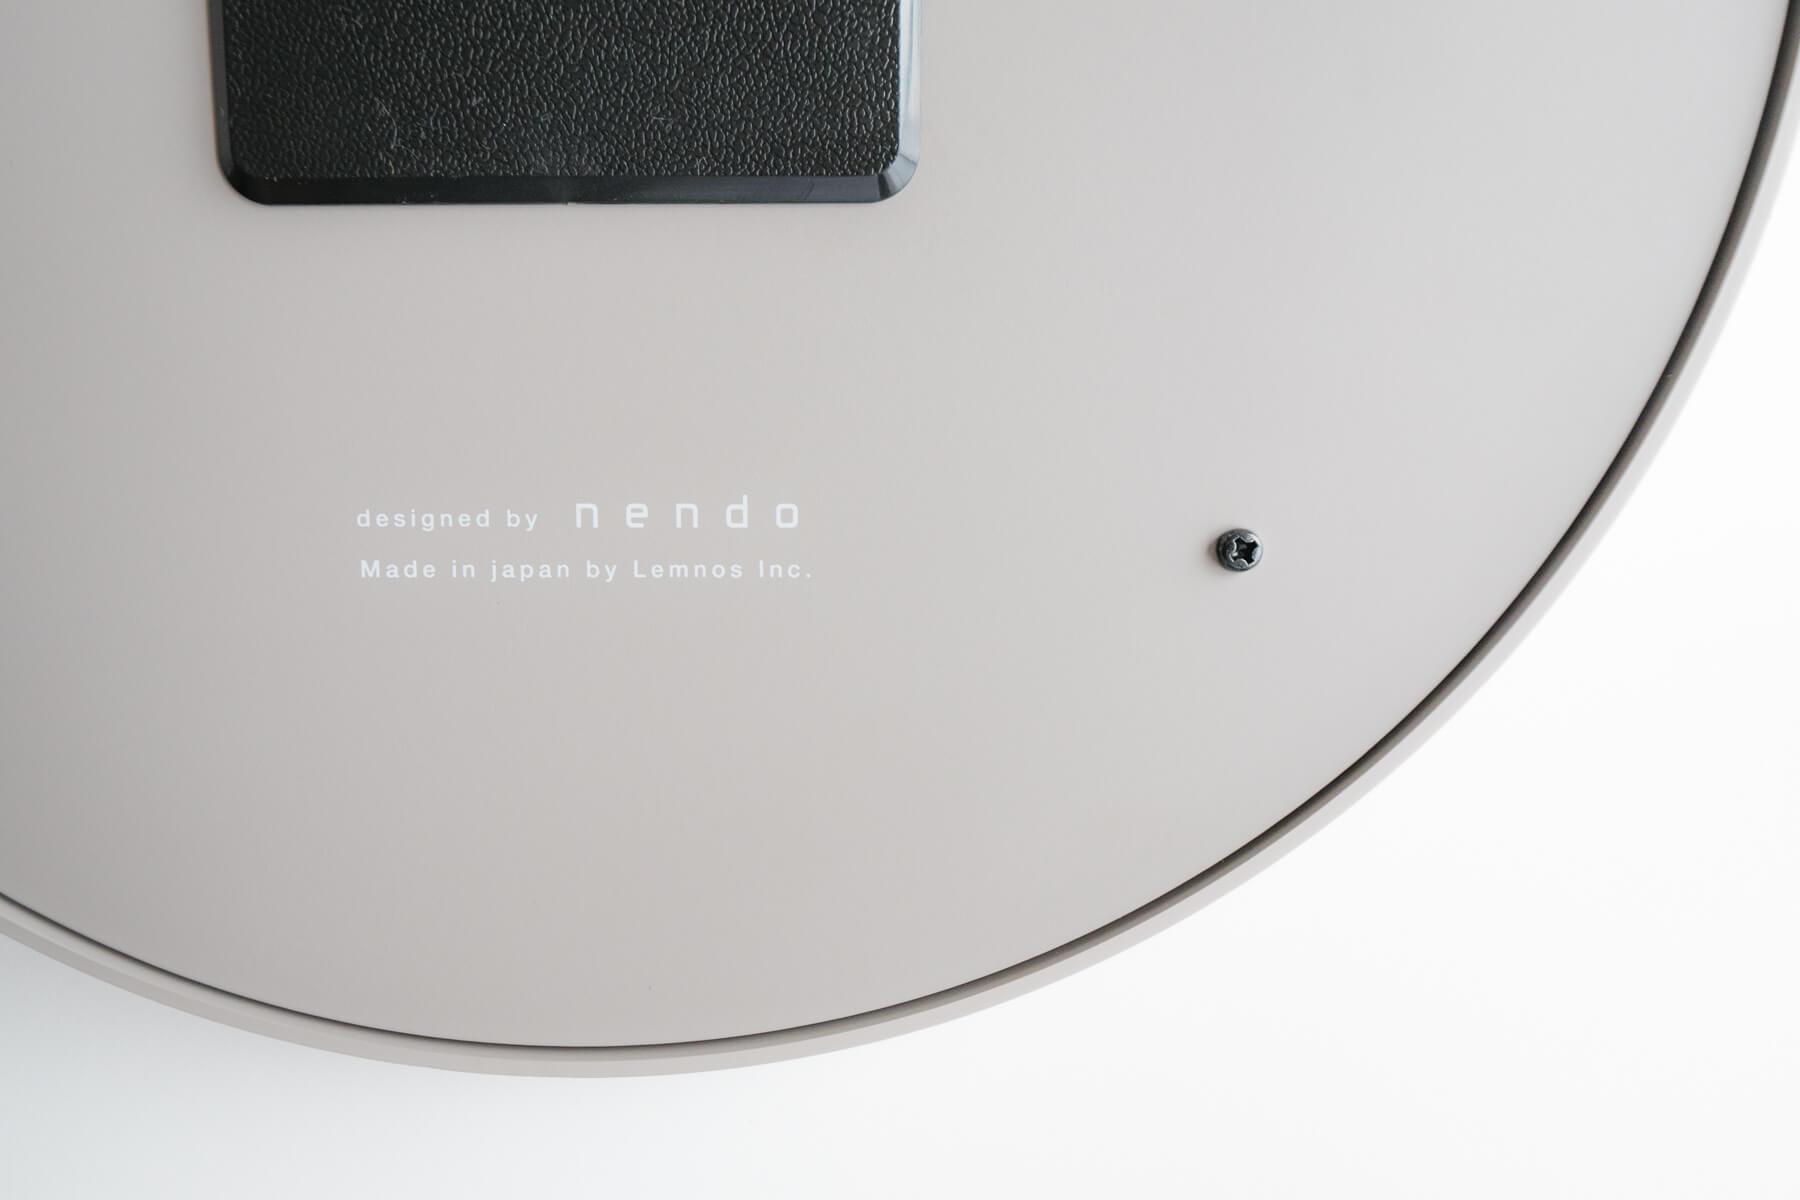 時計の裏面にある designed by nendo